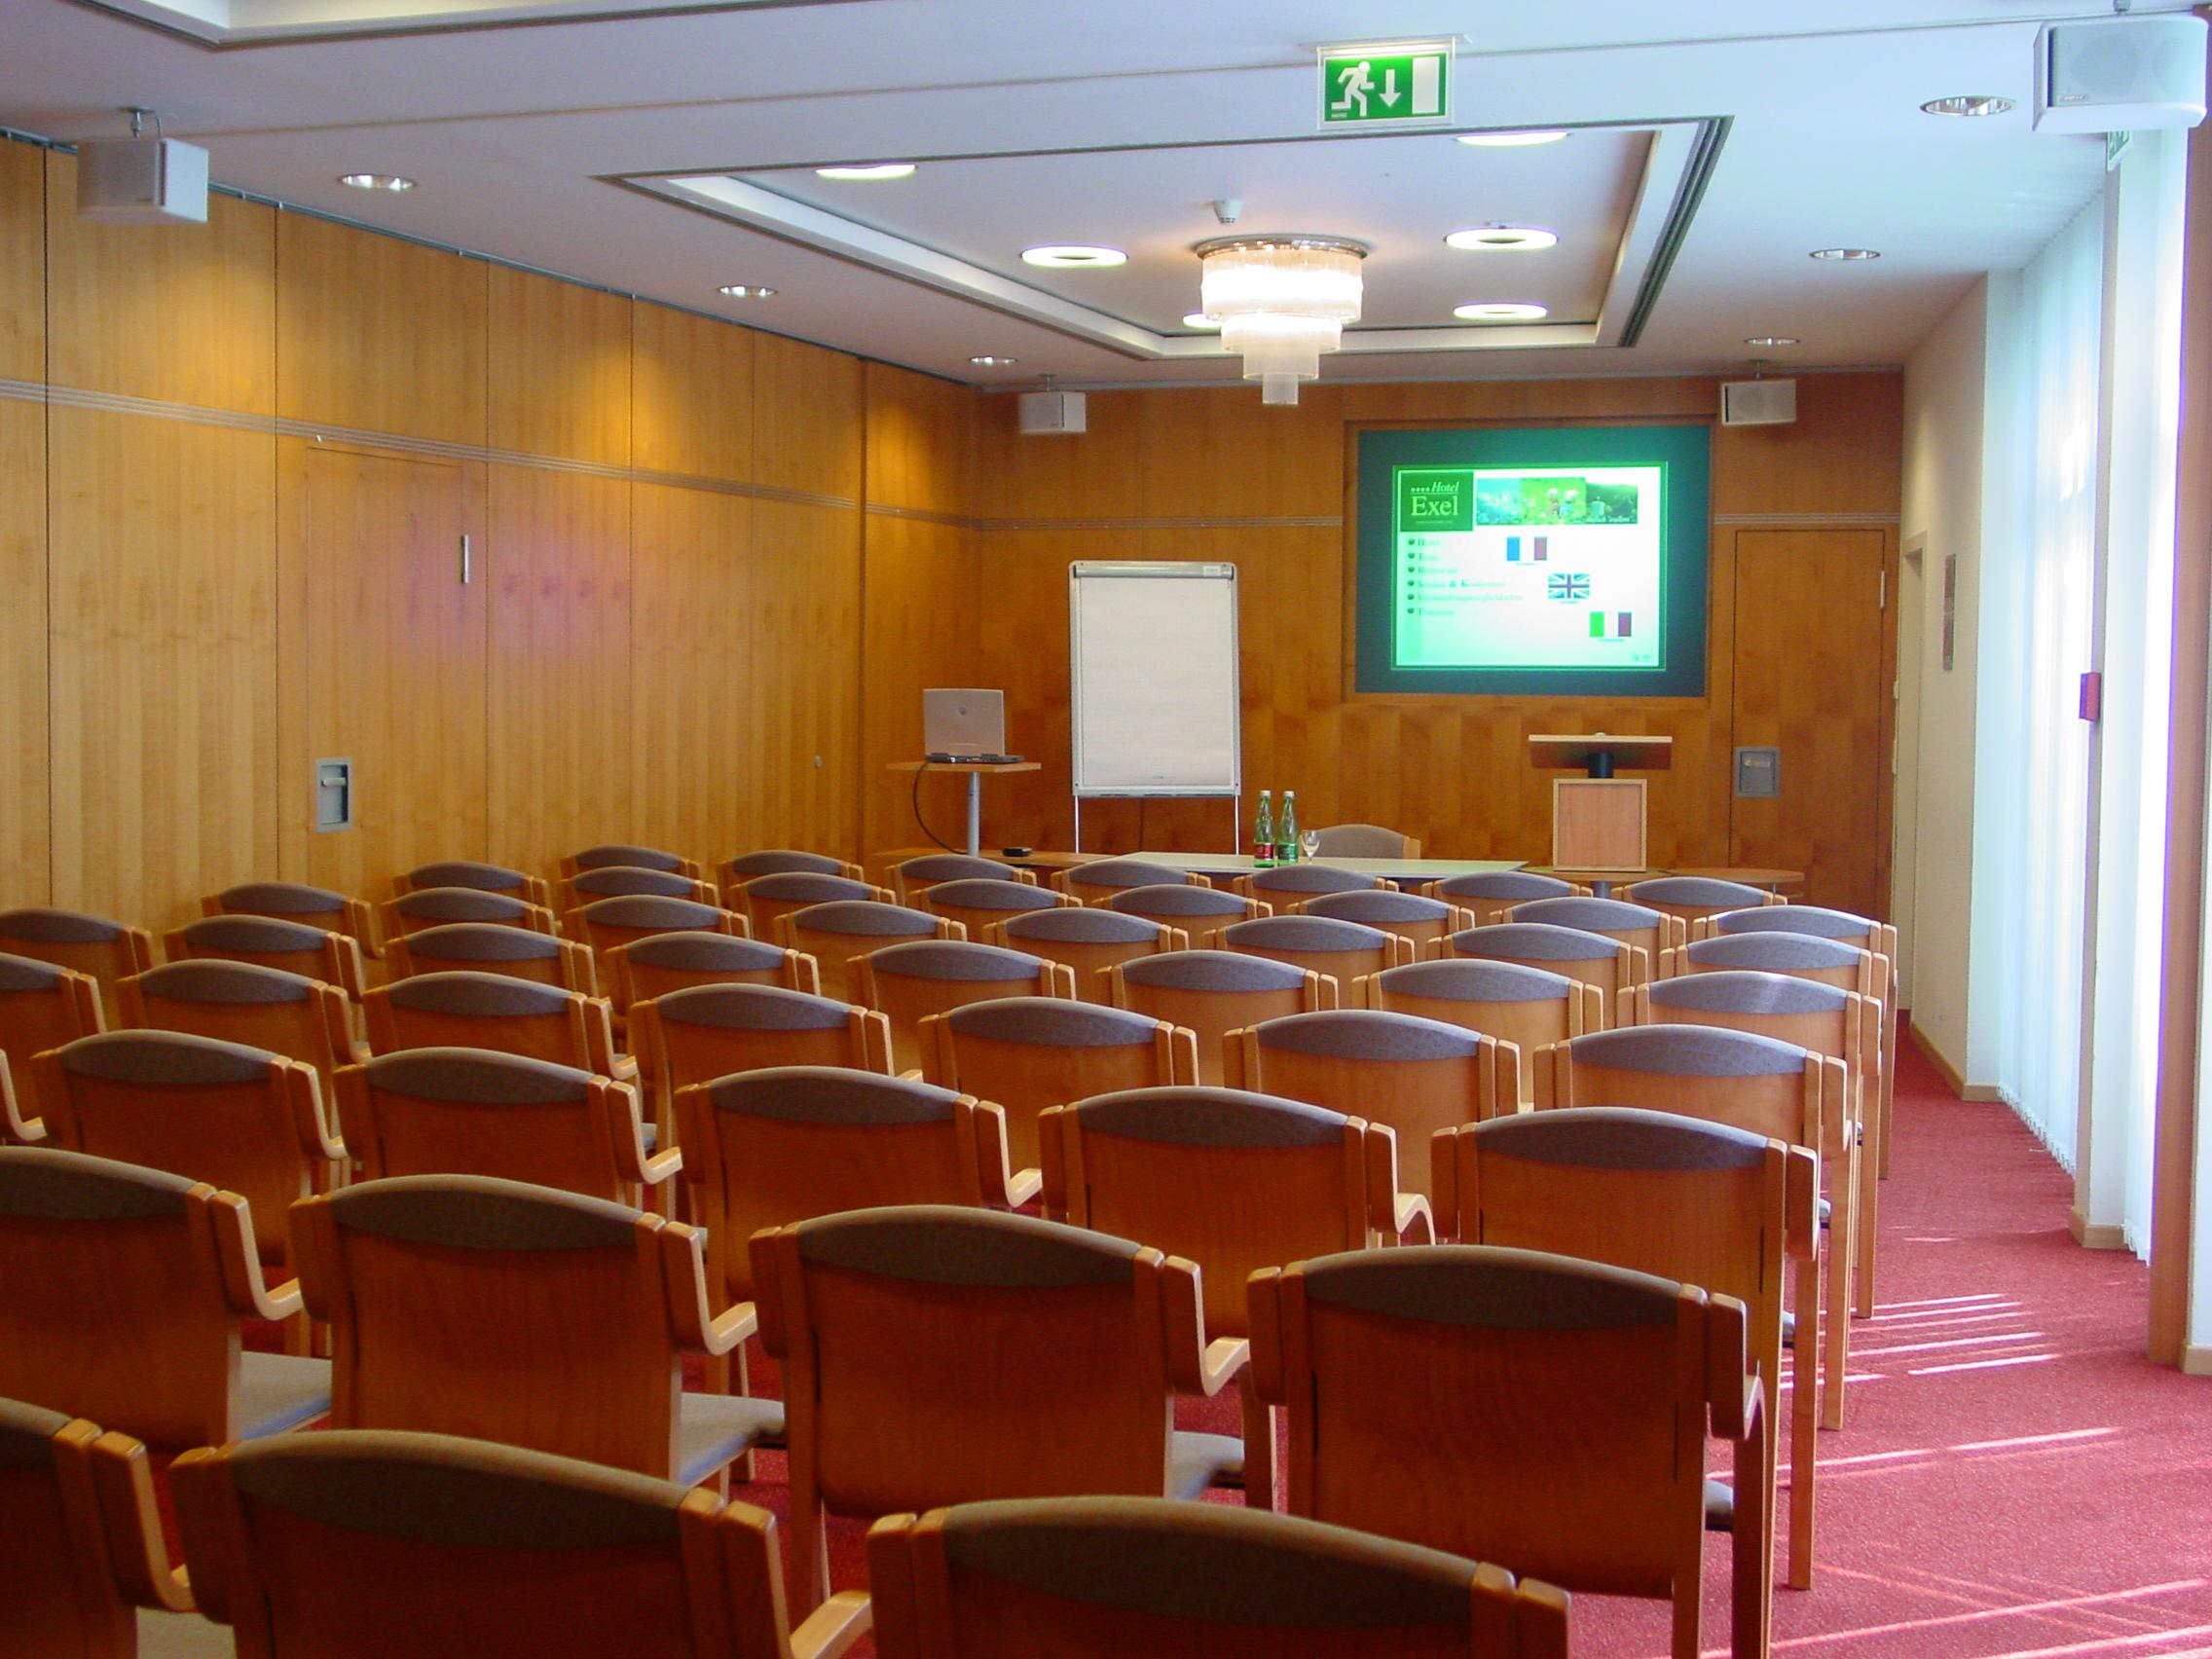 Hotel Exel-Seminarraum Donau/Enns Stuhlreihen